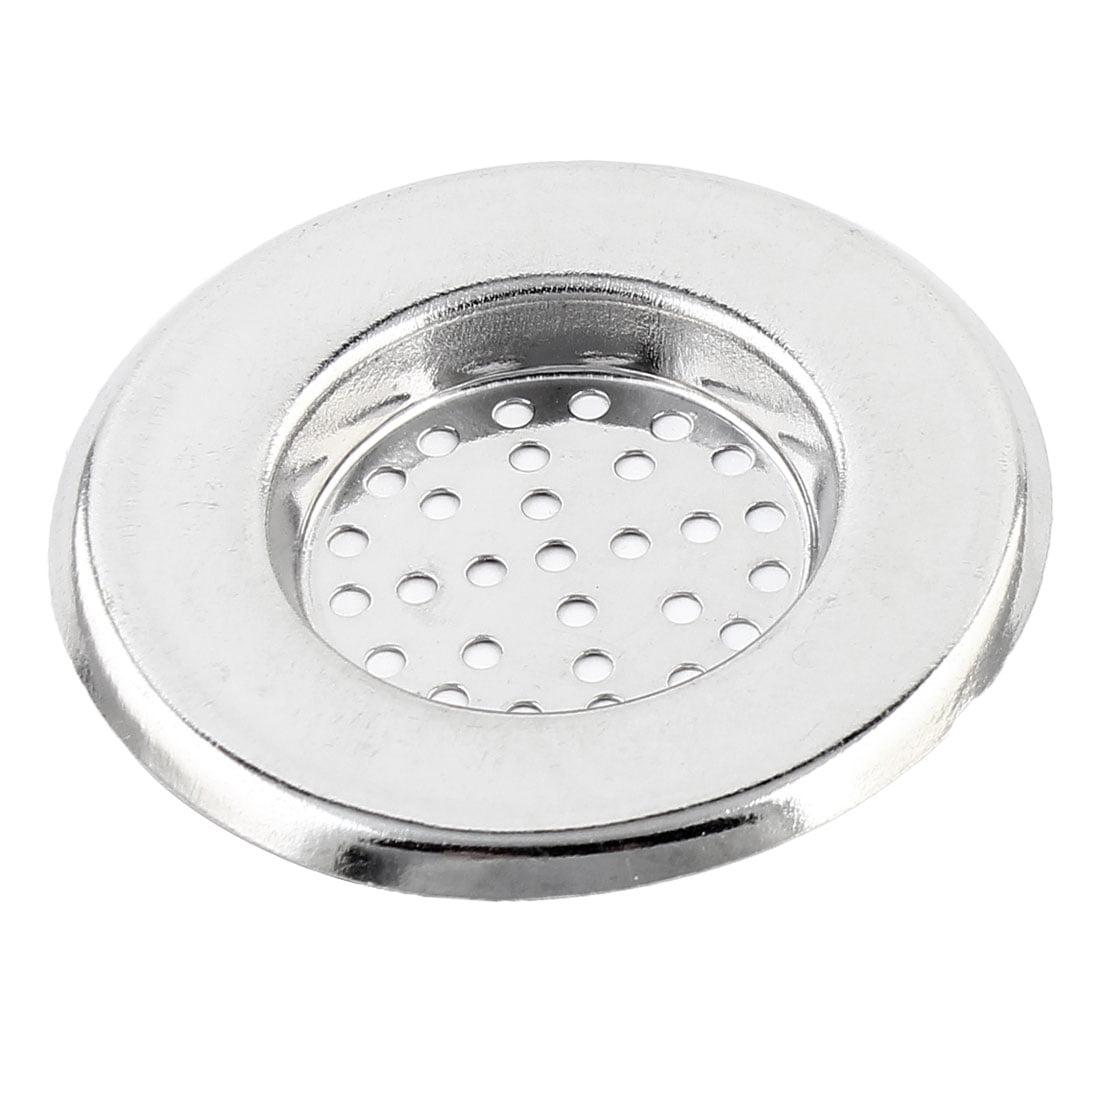 Poubelle Salle De Bain Walmart ~ salle bains cuisine ronde en forme cuve d vier en m tal poubelle